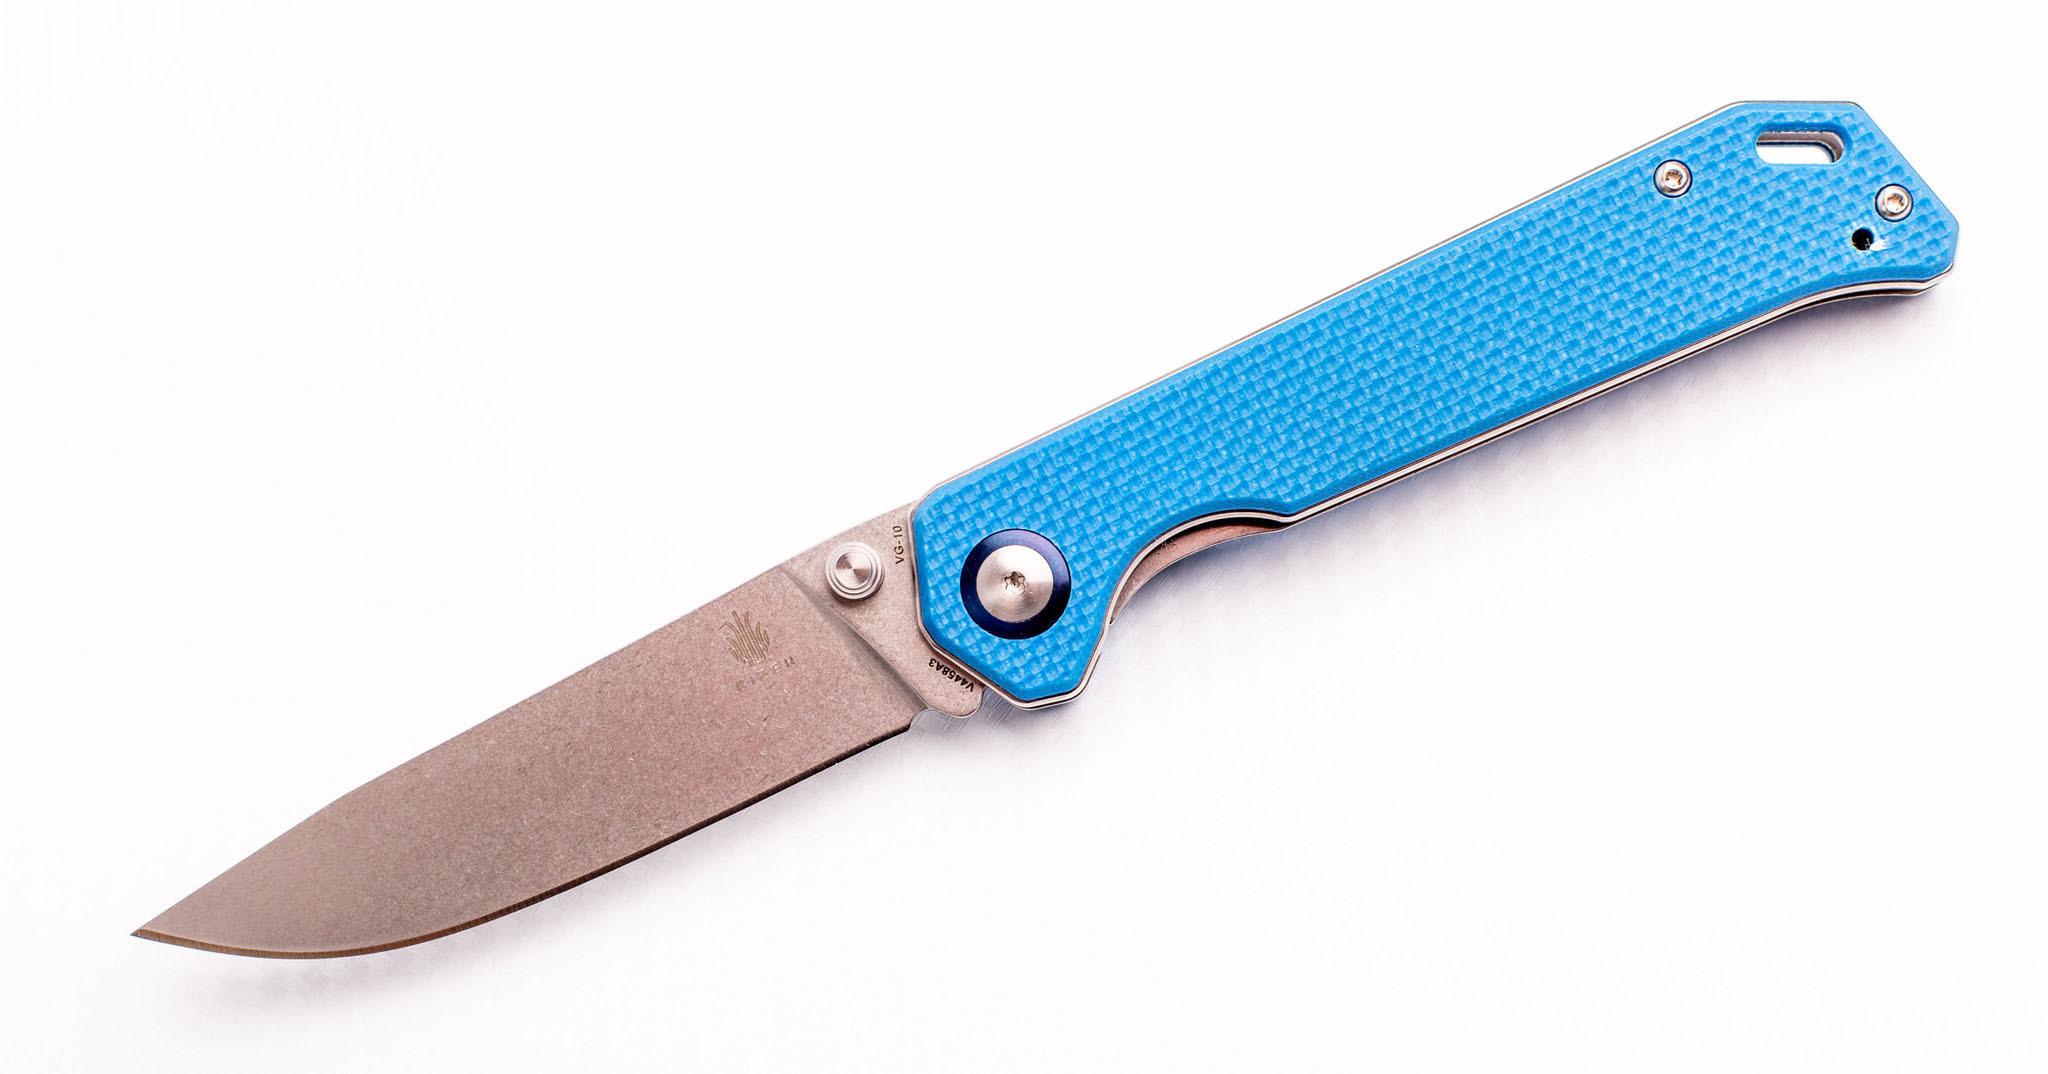 Складной нож Kizer Begleiter, сталь VG-10, синяя рукоять G10